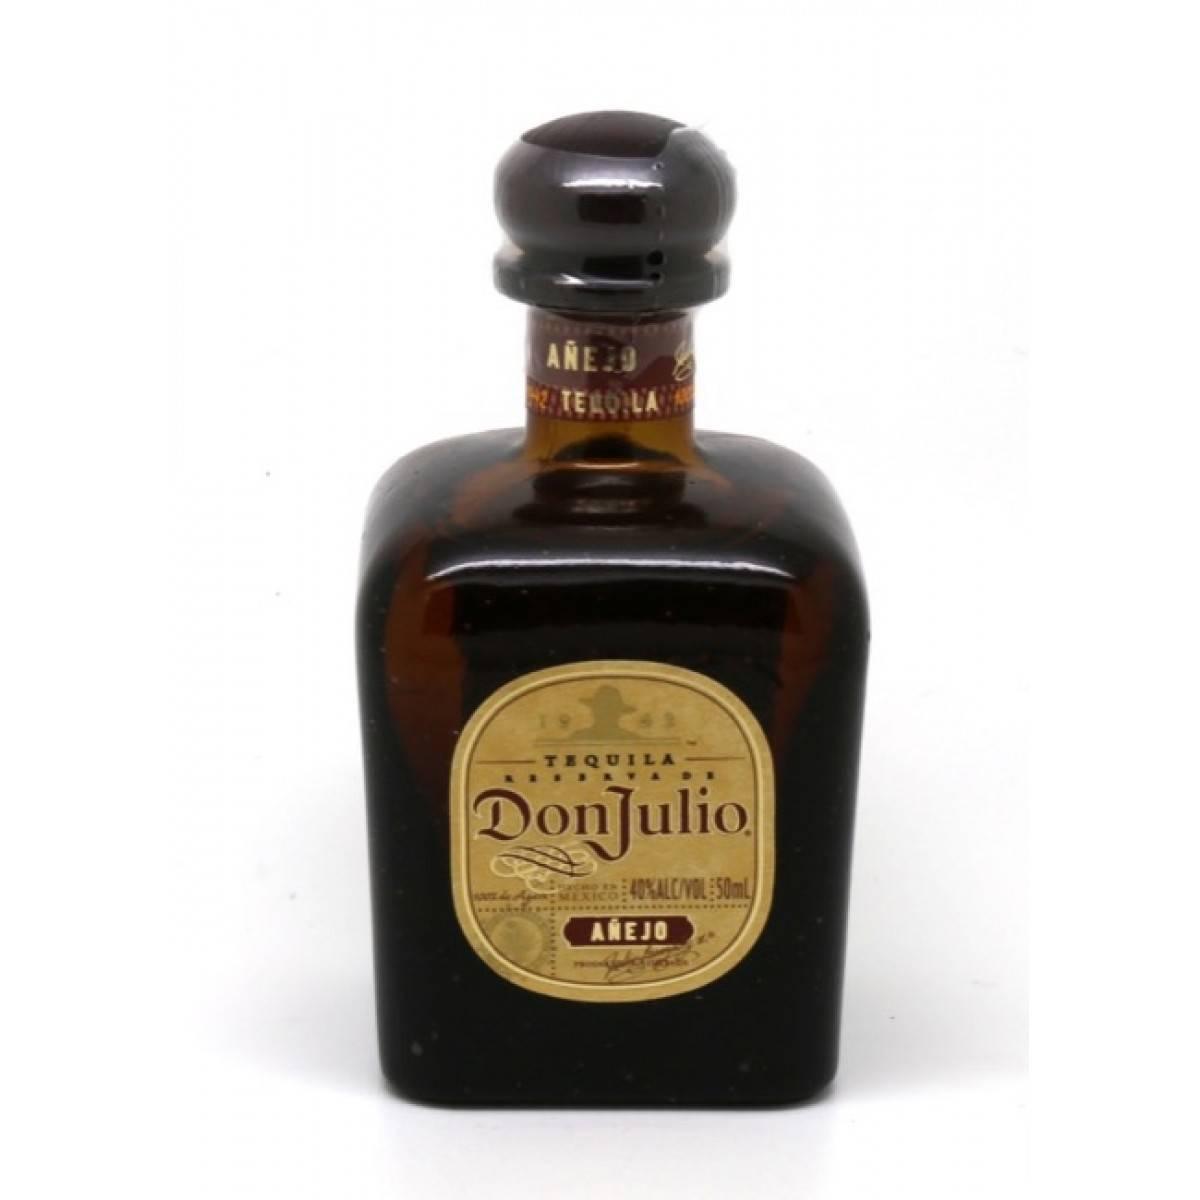 Текила don julio: краткое описание, виды